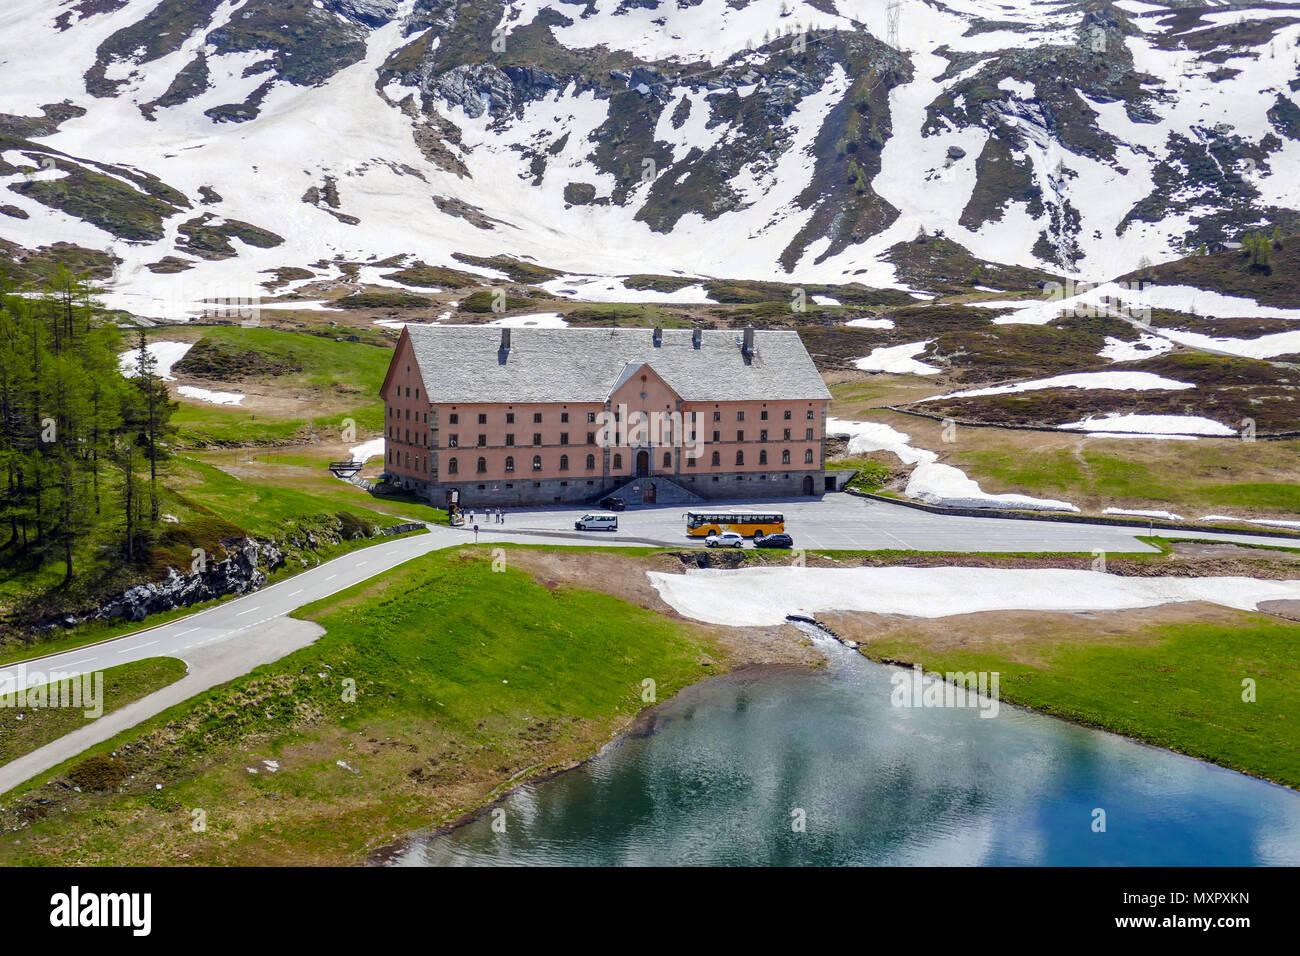 travelbird roompot zeeland code promo pneu online suisse